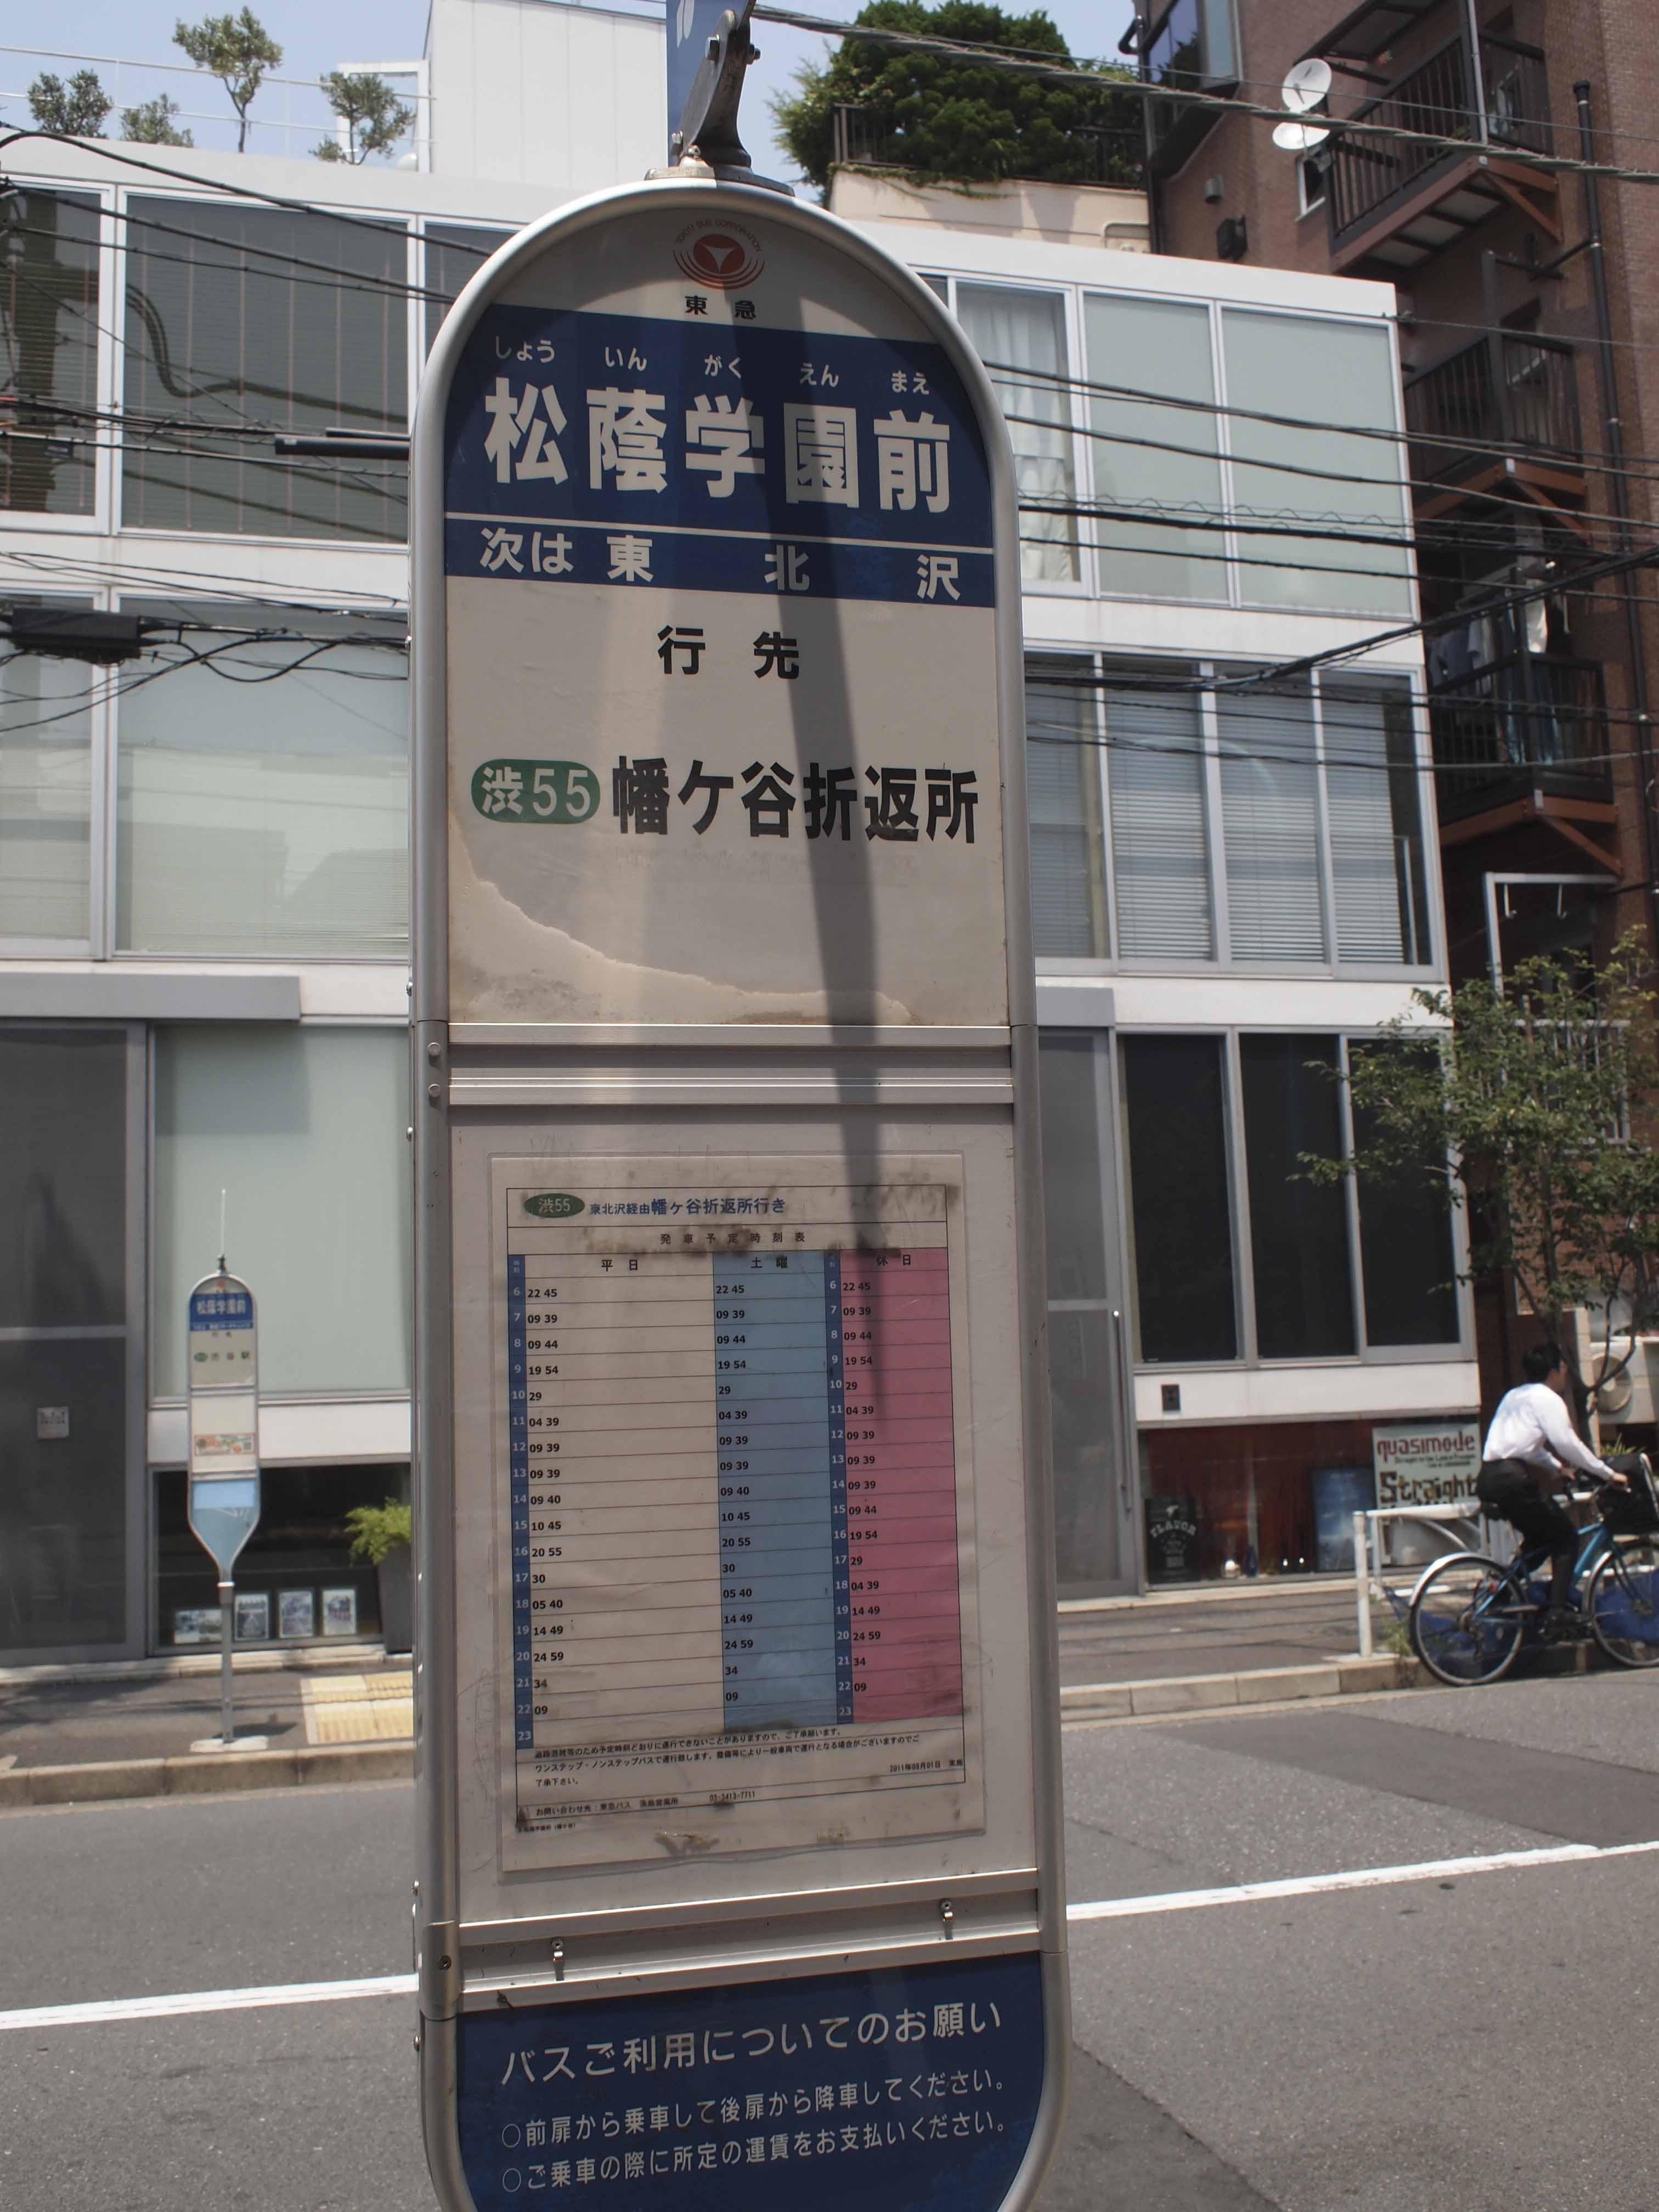 「あたらしい日々」東京展示   道案内その1_e0230987_22271271.jpg